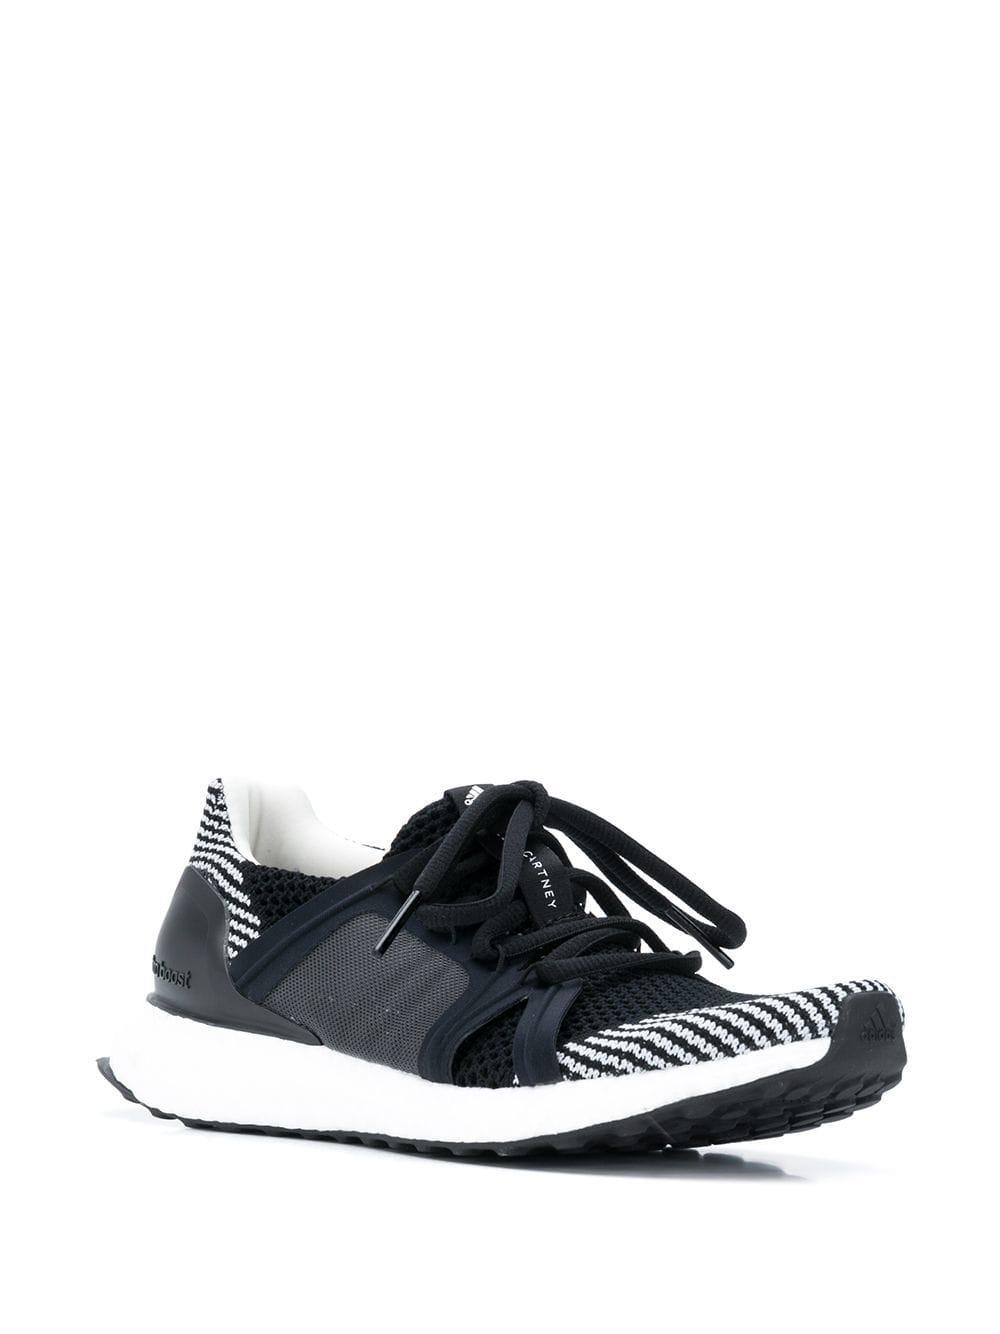 e38885f47d3 Lyst - adidas By Stella McCartney Ultraboost Sneakers in Black